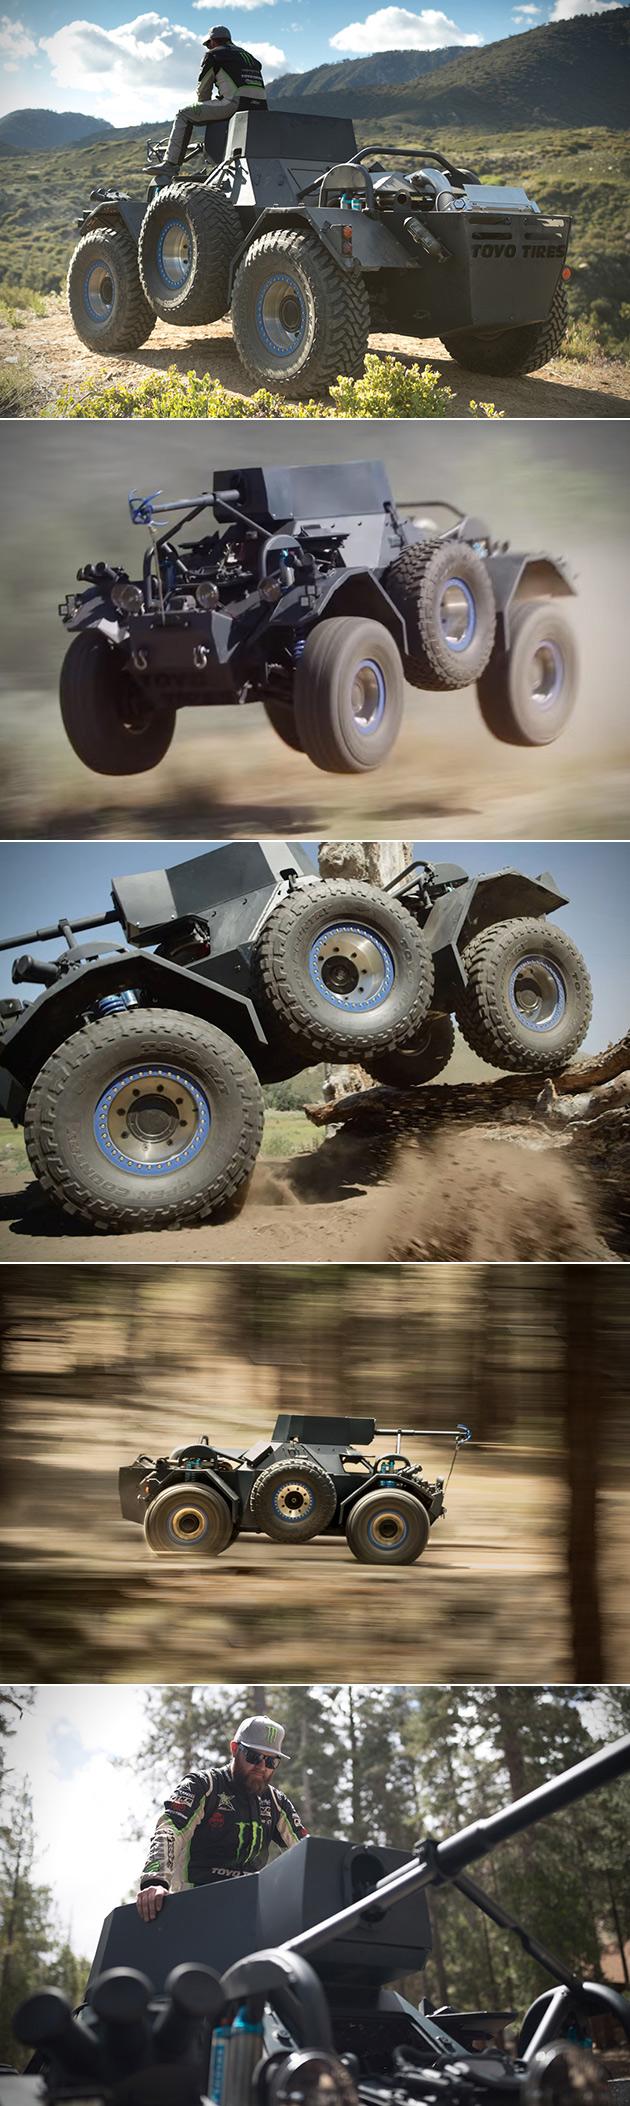 Toyo Tires Ferret